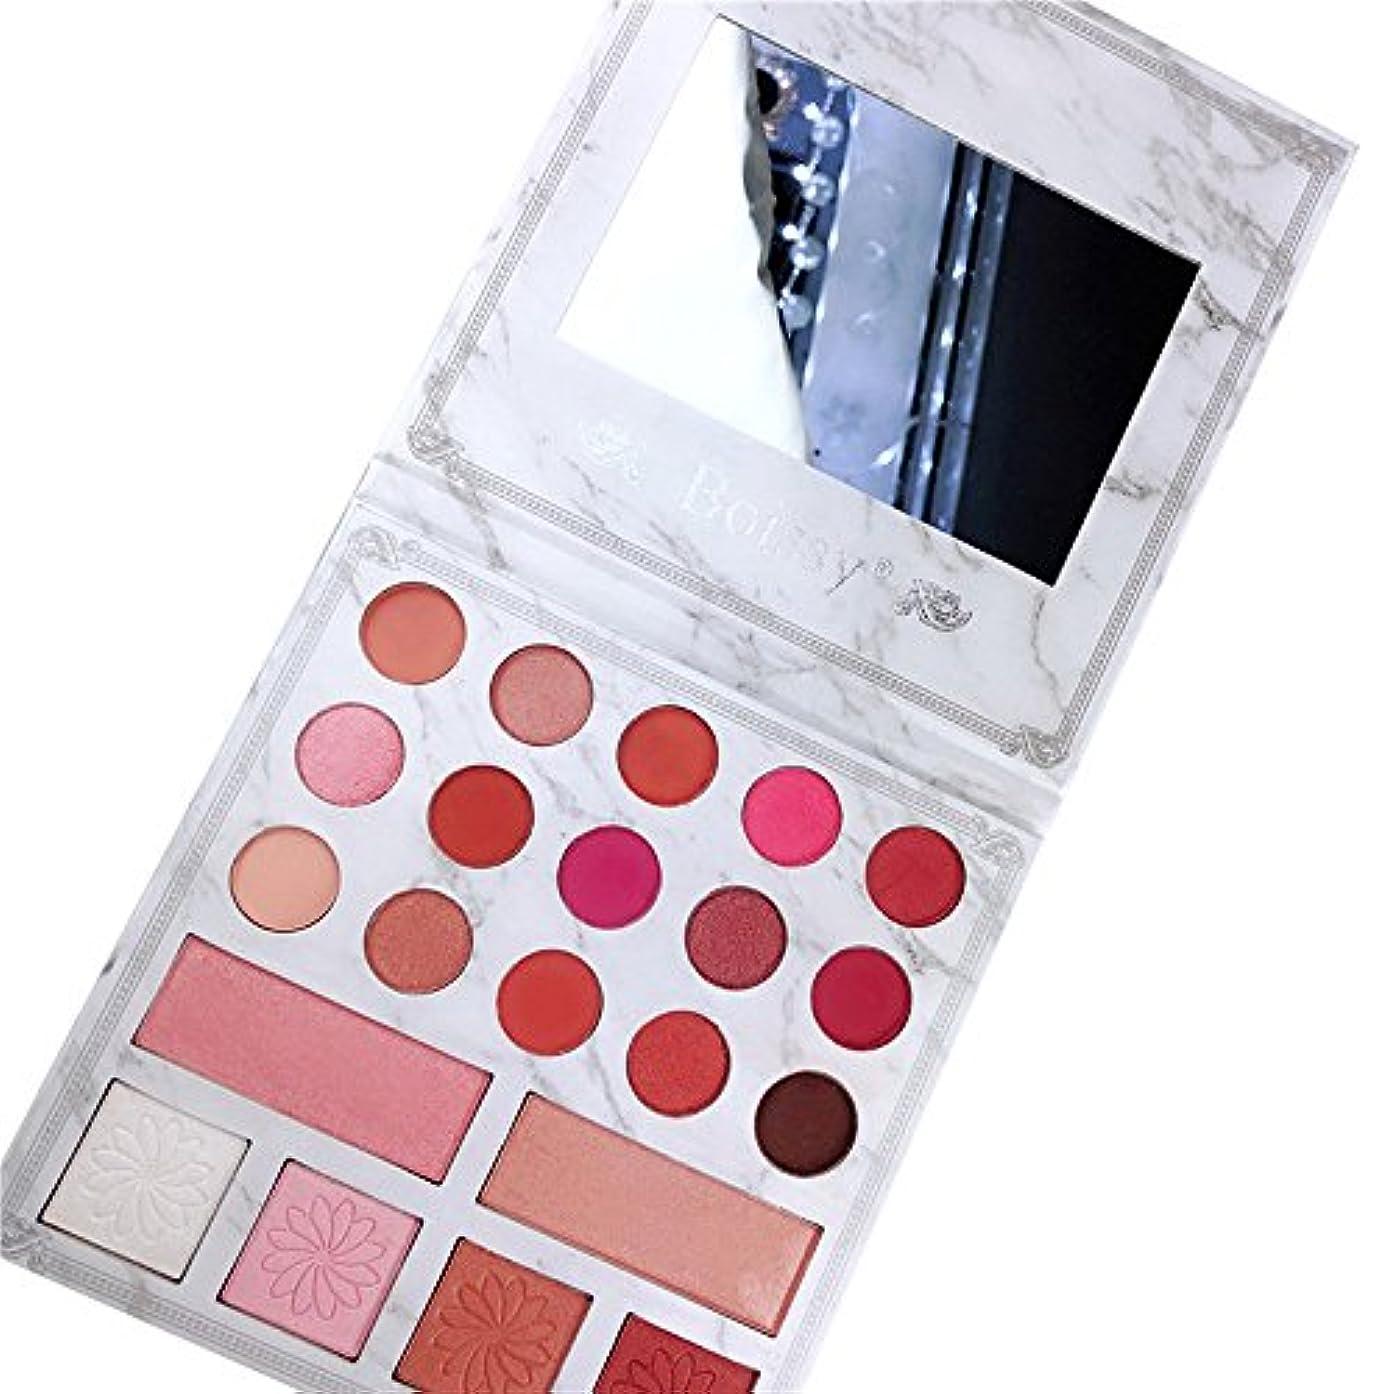 過剰メジャー砂漠21色シマーマットアイシャドウアイシャドウパレットプロ化粧品メイクアップツール